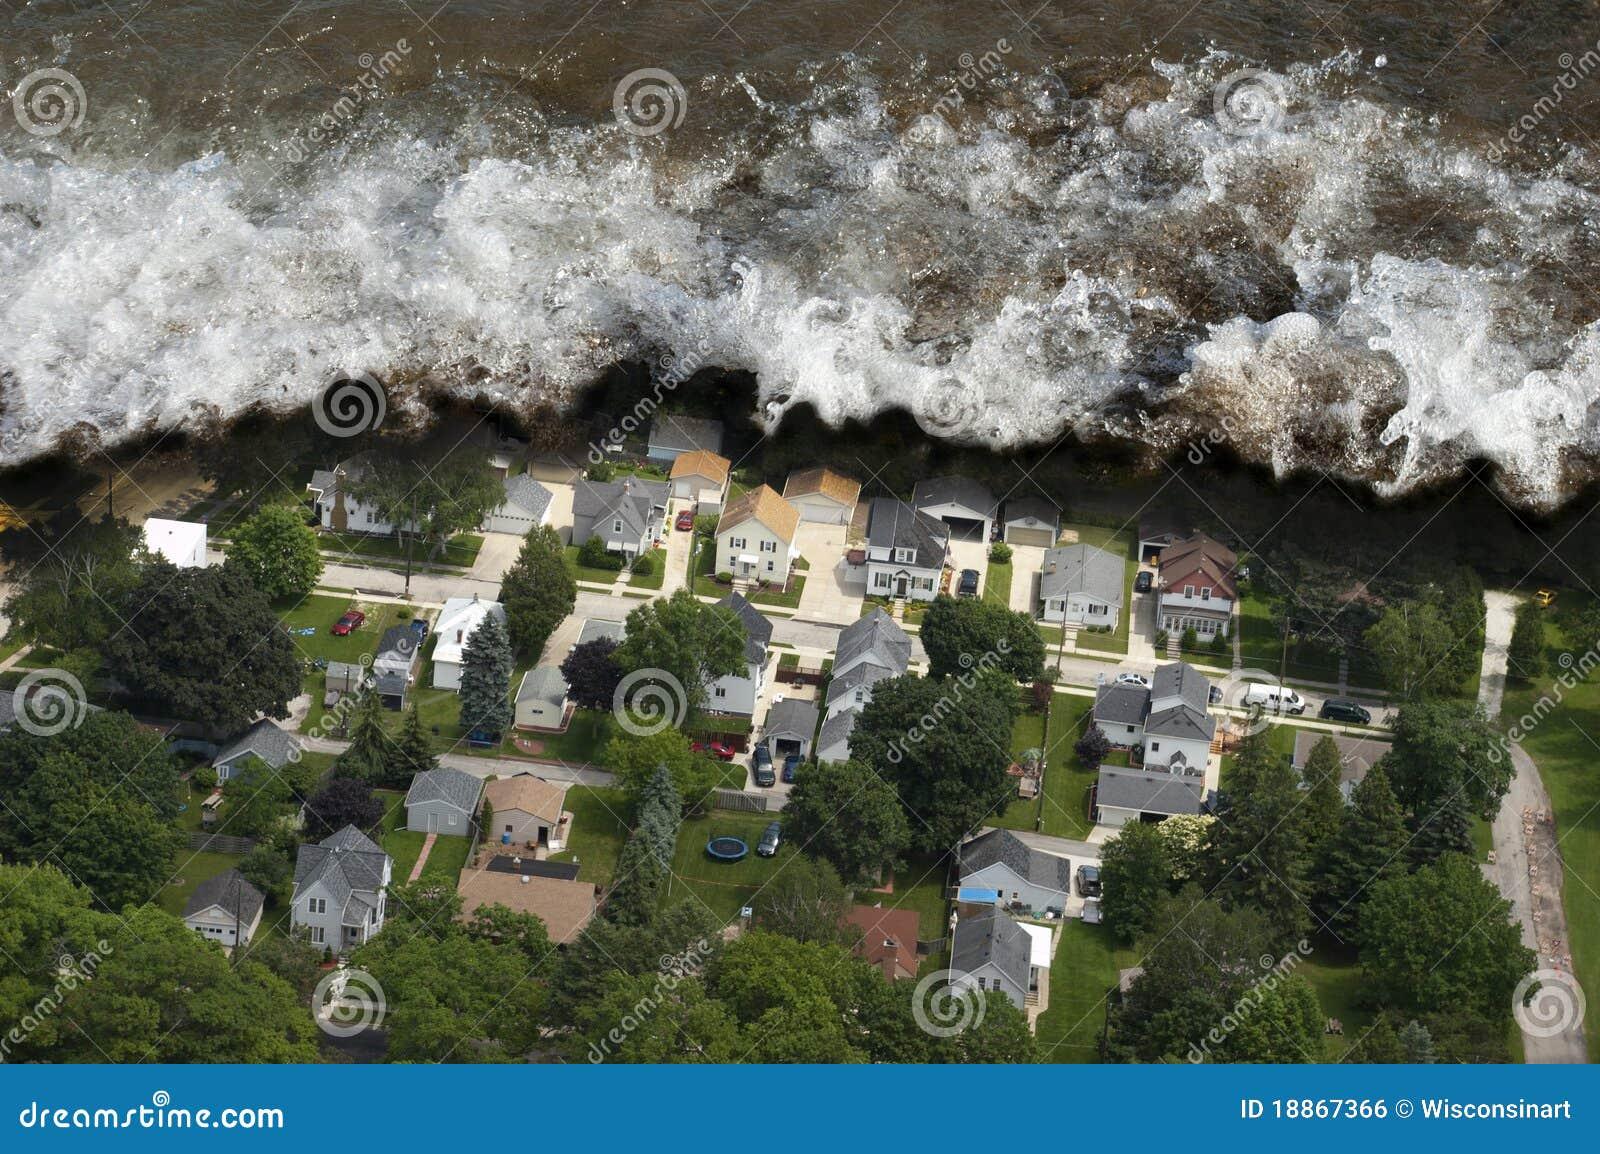 灾害巨型自然潮汐海啸通知